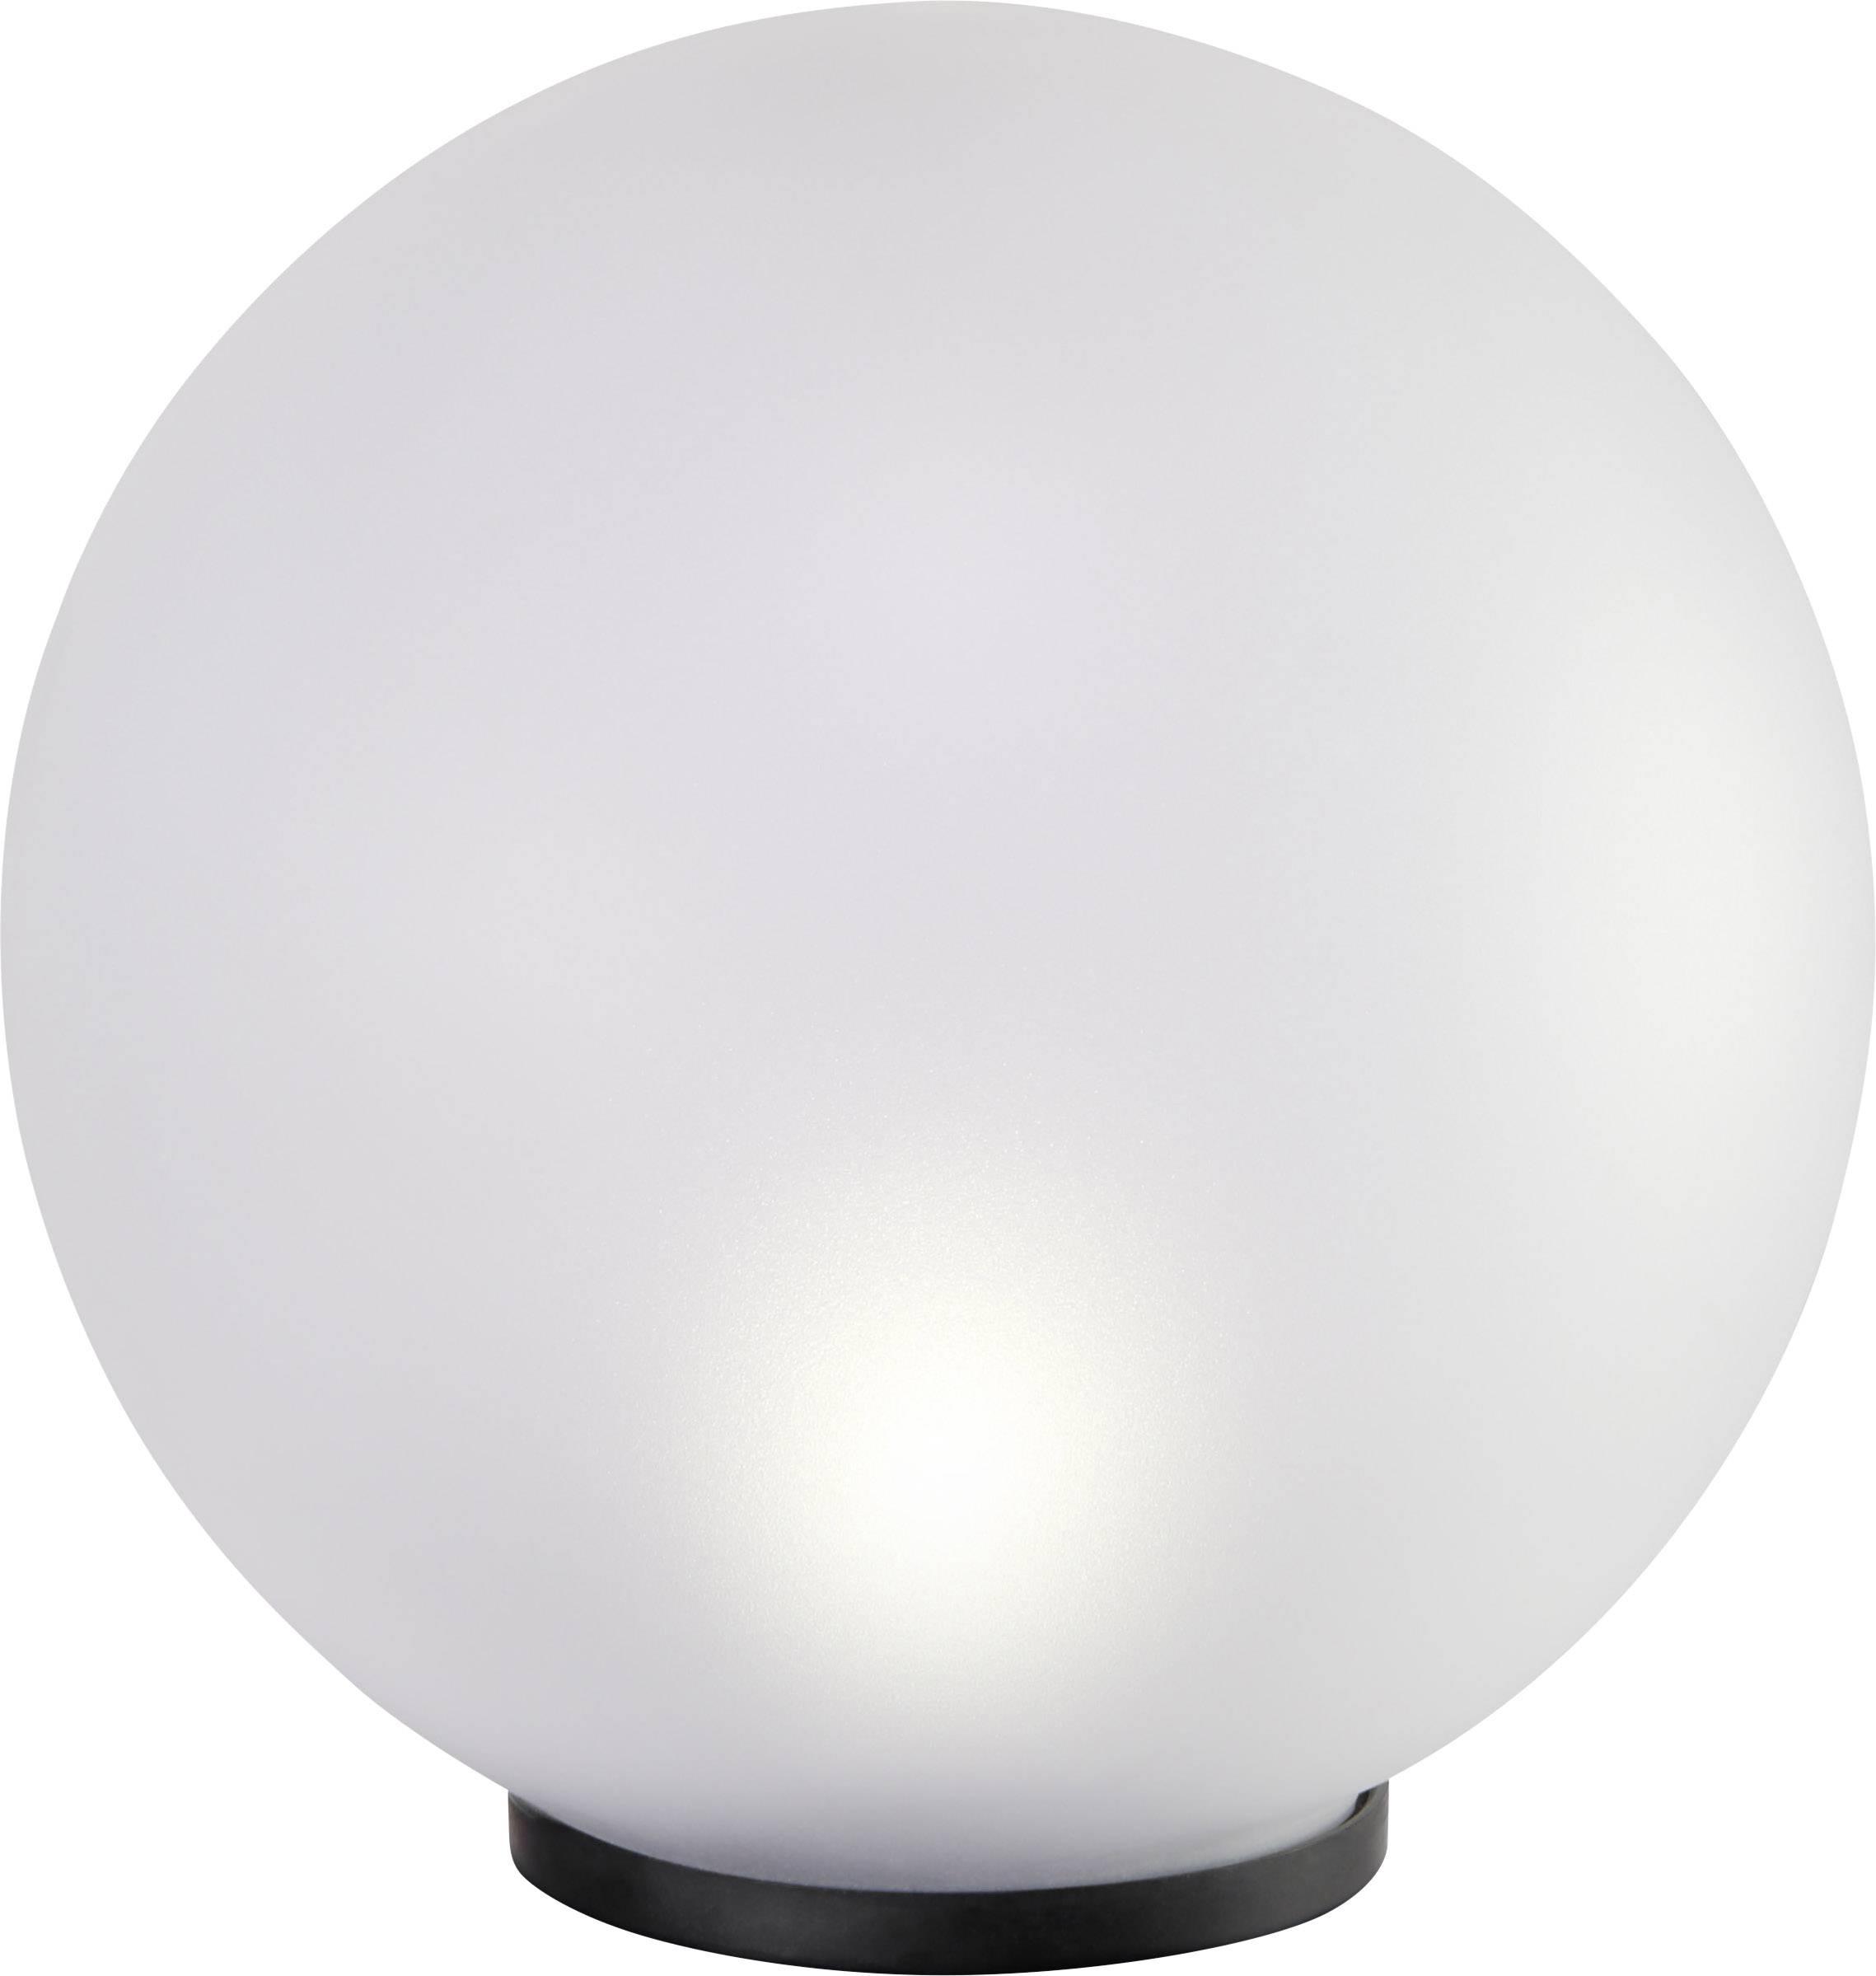 LED solární zahradní svítidlo Polarlite Frosted 150 PL-8213570, 0.16 W, IP44, matné sklo, neutrálně bílá